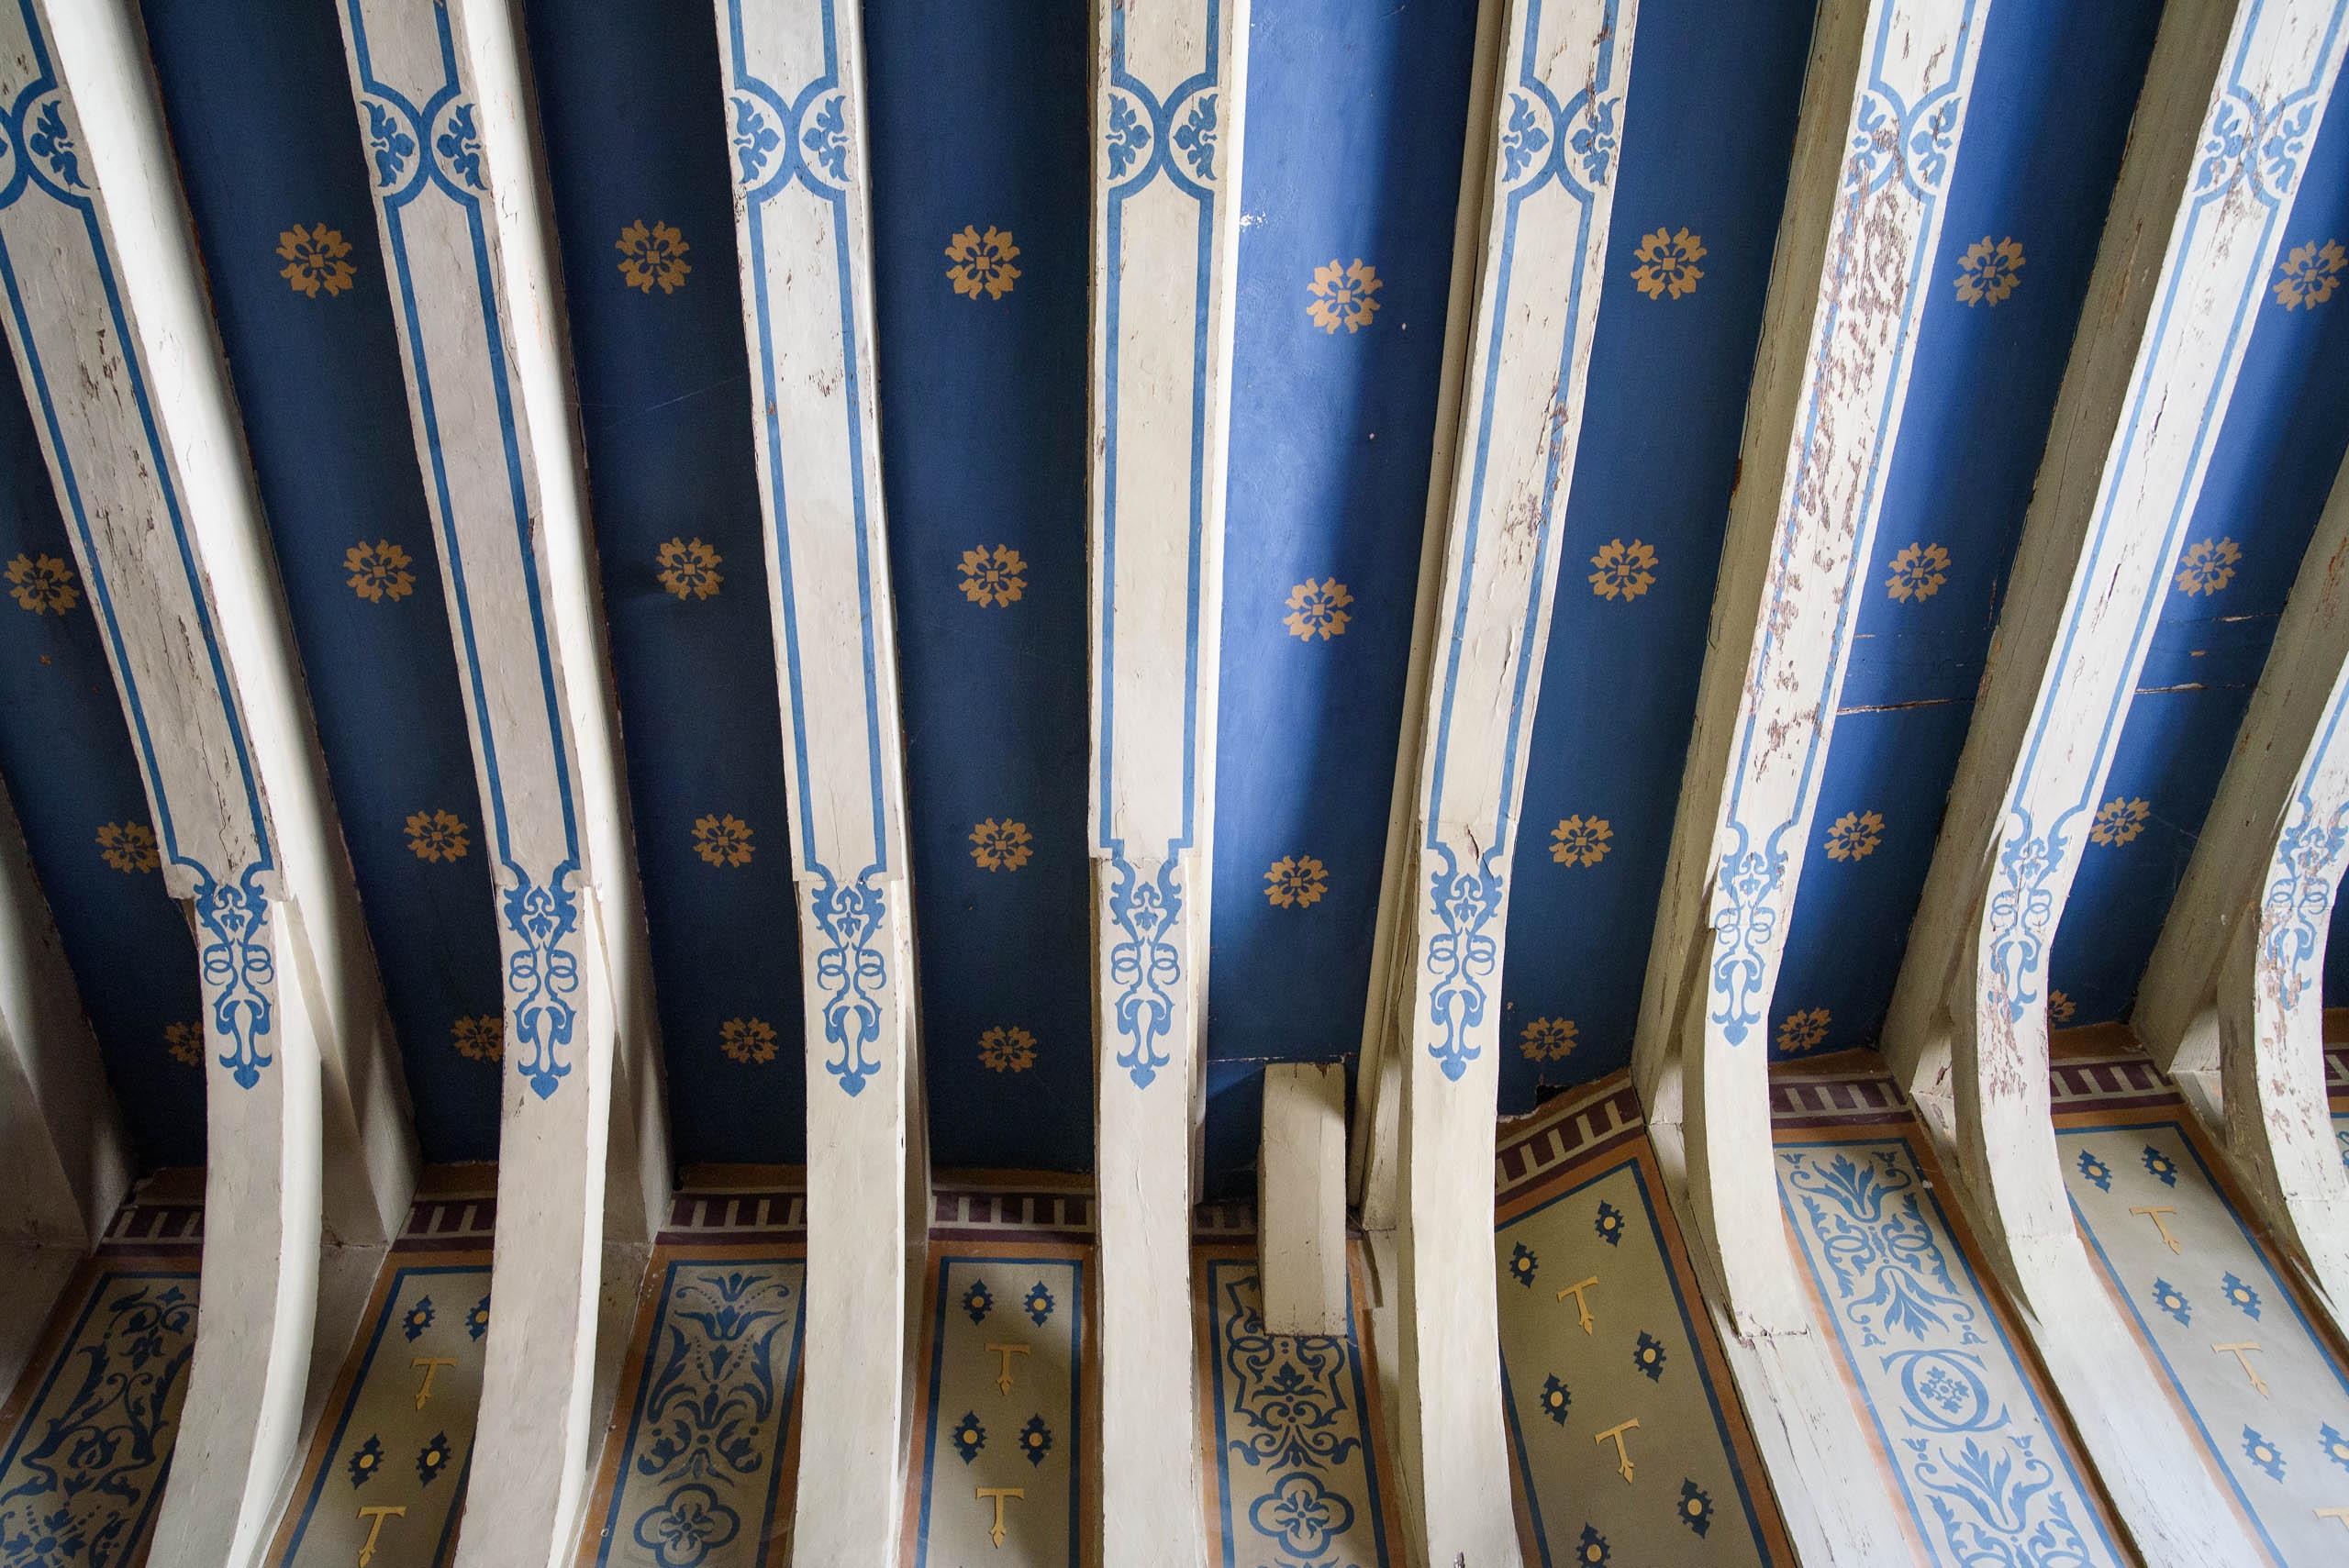 Sufit w korytarzu na drugim piętrze zamku Chenonceau